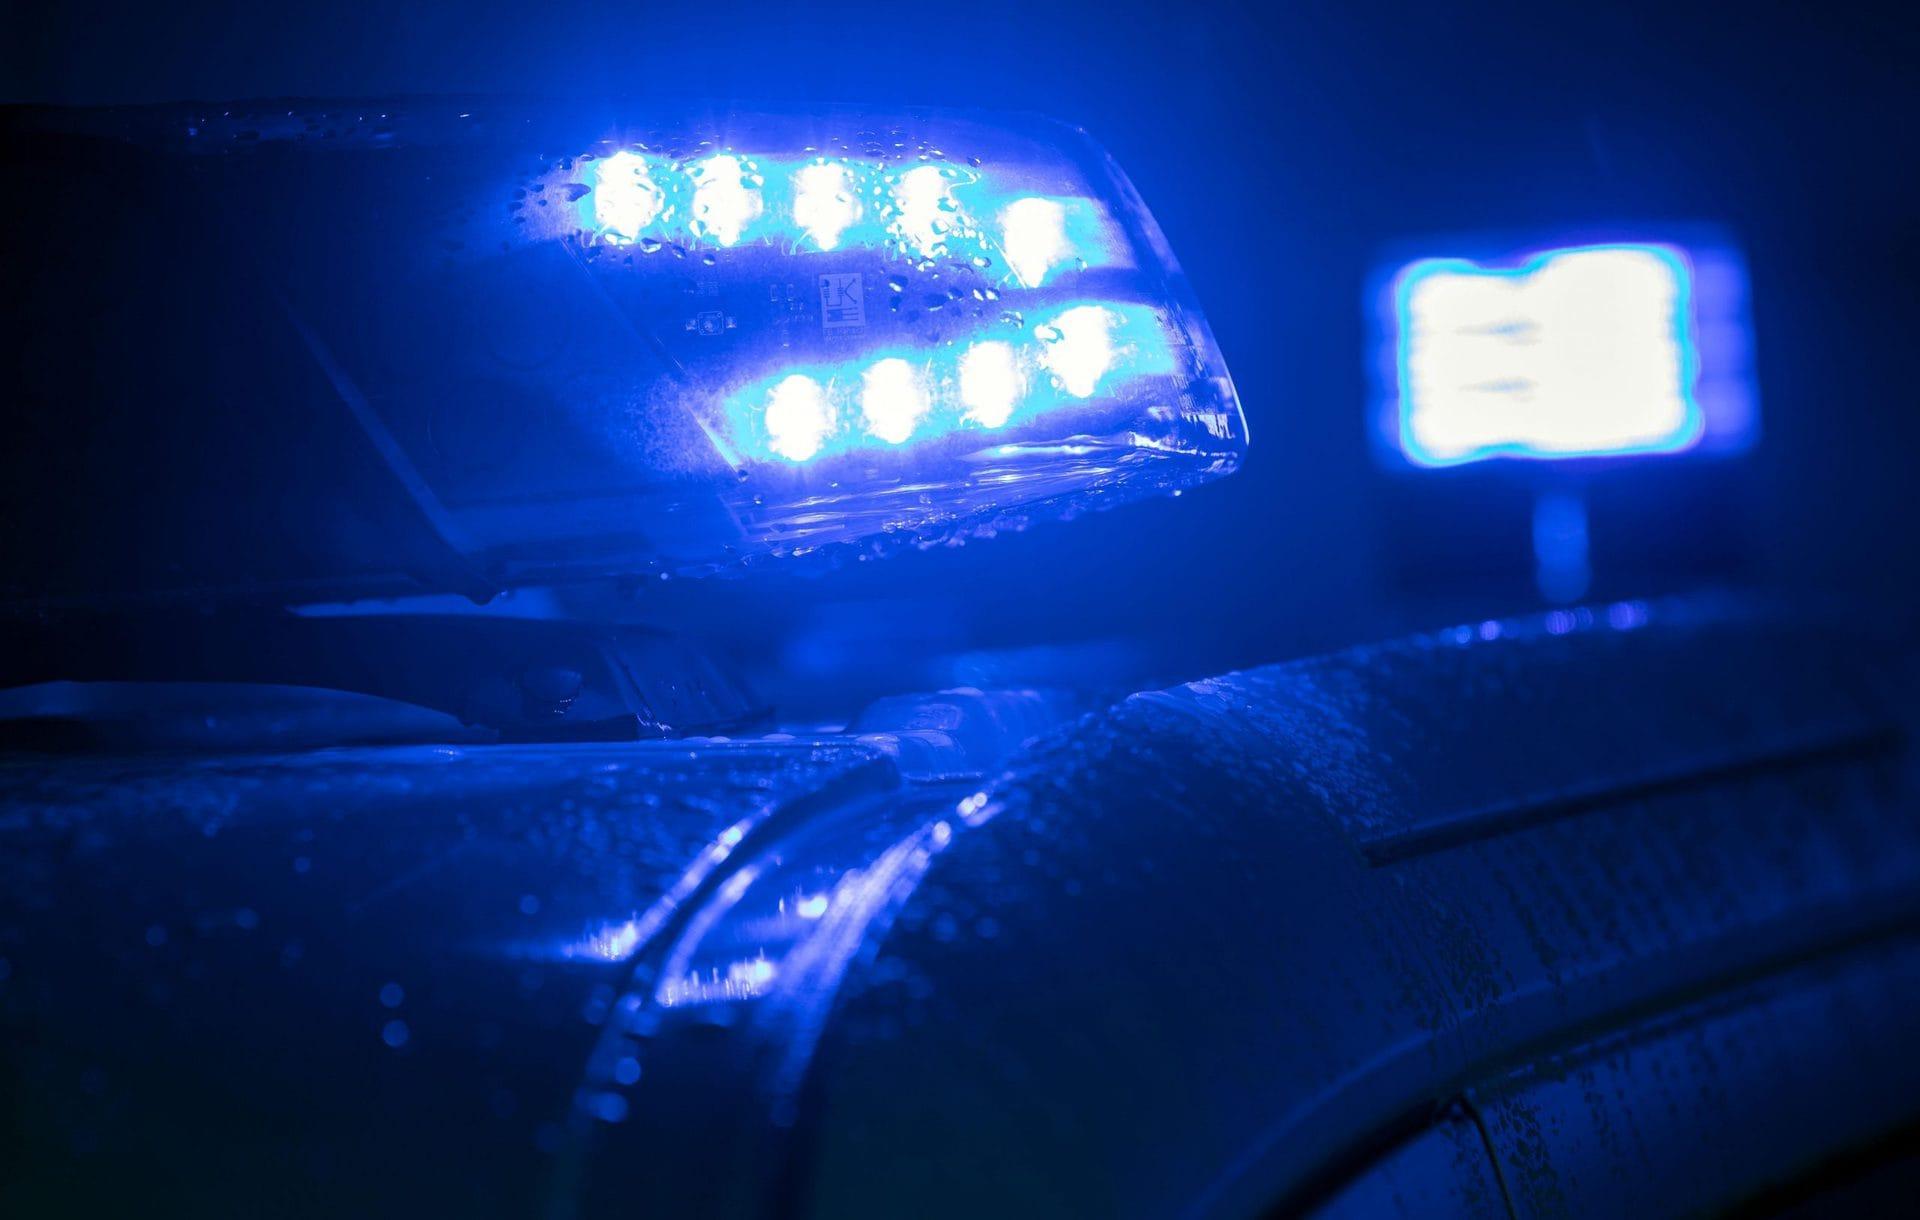 Sexueller Übergriff auf Frau: DNA-Spur führt zu zwei Männern Polizei Oberpfalz